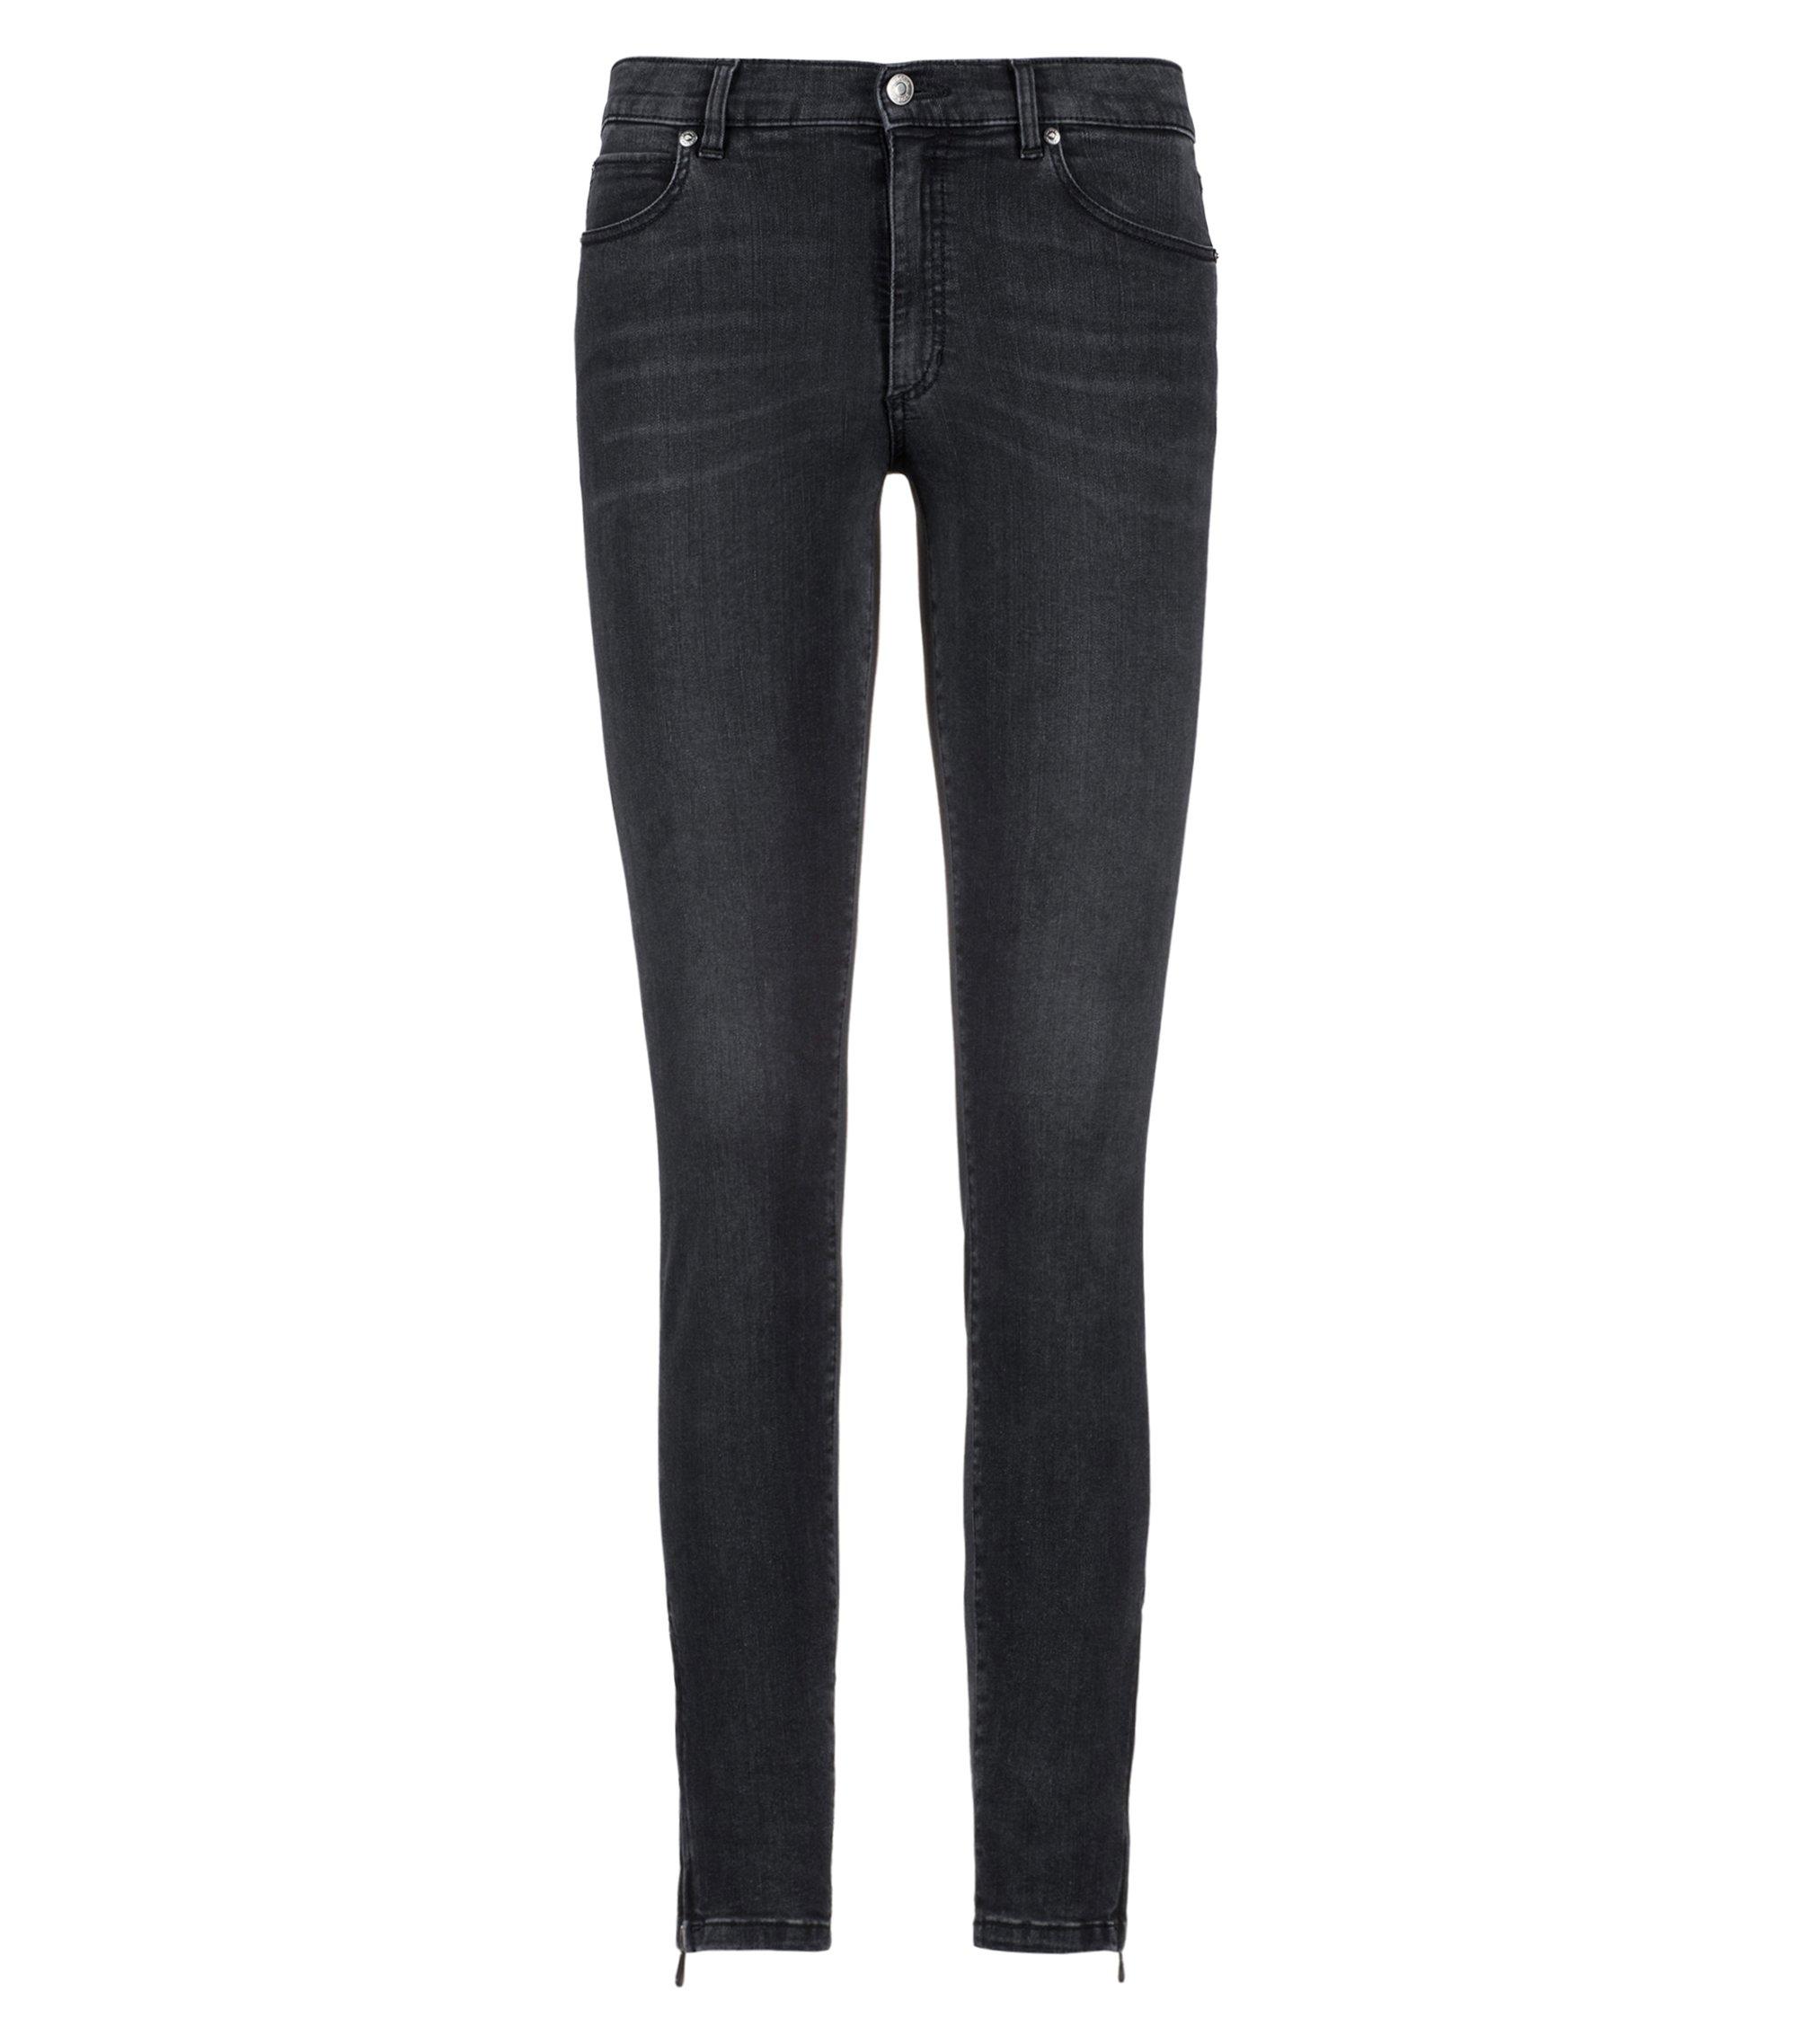 Skinny-Fit Jeans aus Super-Stretch-Denim mit Reißverschlüssen am Saum, Dunkelgrau